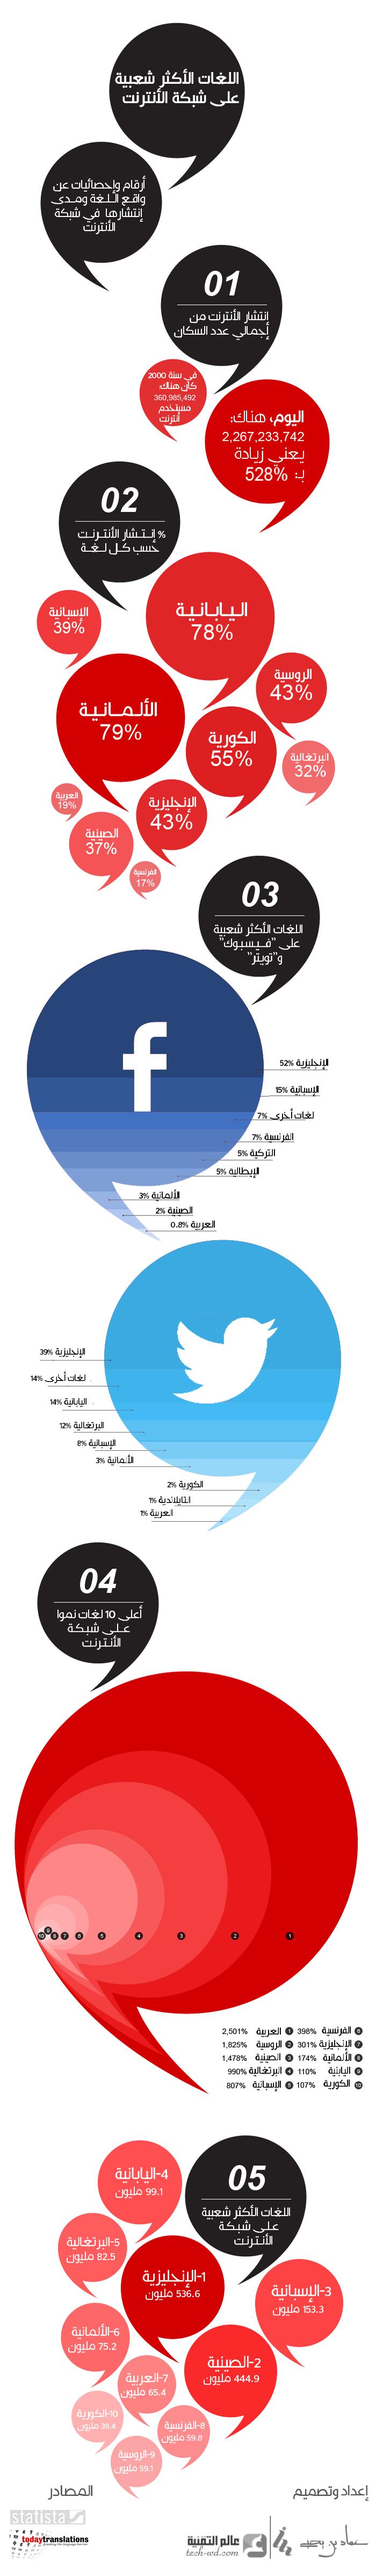 موضوع تعبير عن ايجابيات وسلبيات شبكات التواصل الاجتماعي واثرها على المجتمع أبحاث نت Social Networks Character Sms